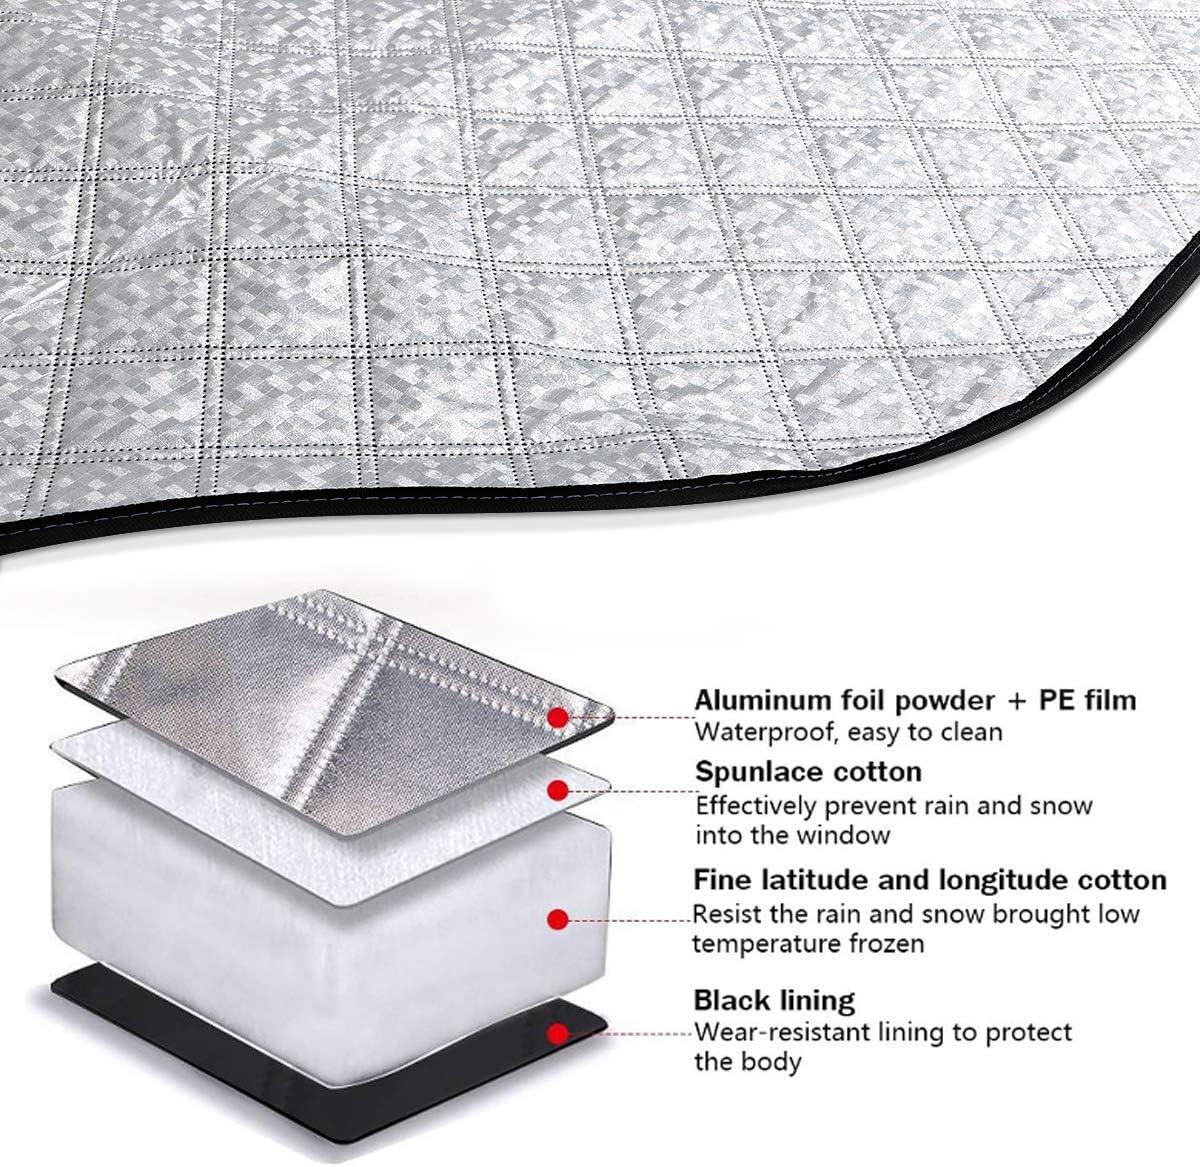 Le Gel la Neige Pare-Soleil Pliable Fengzio Protection de Pare-Brise de Voiture Double Fixation pour Pare-Brise de Voiture Id/éal pour la Voiture Contre Les Rayons UV